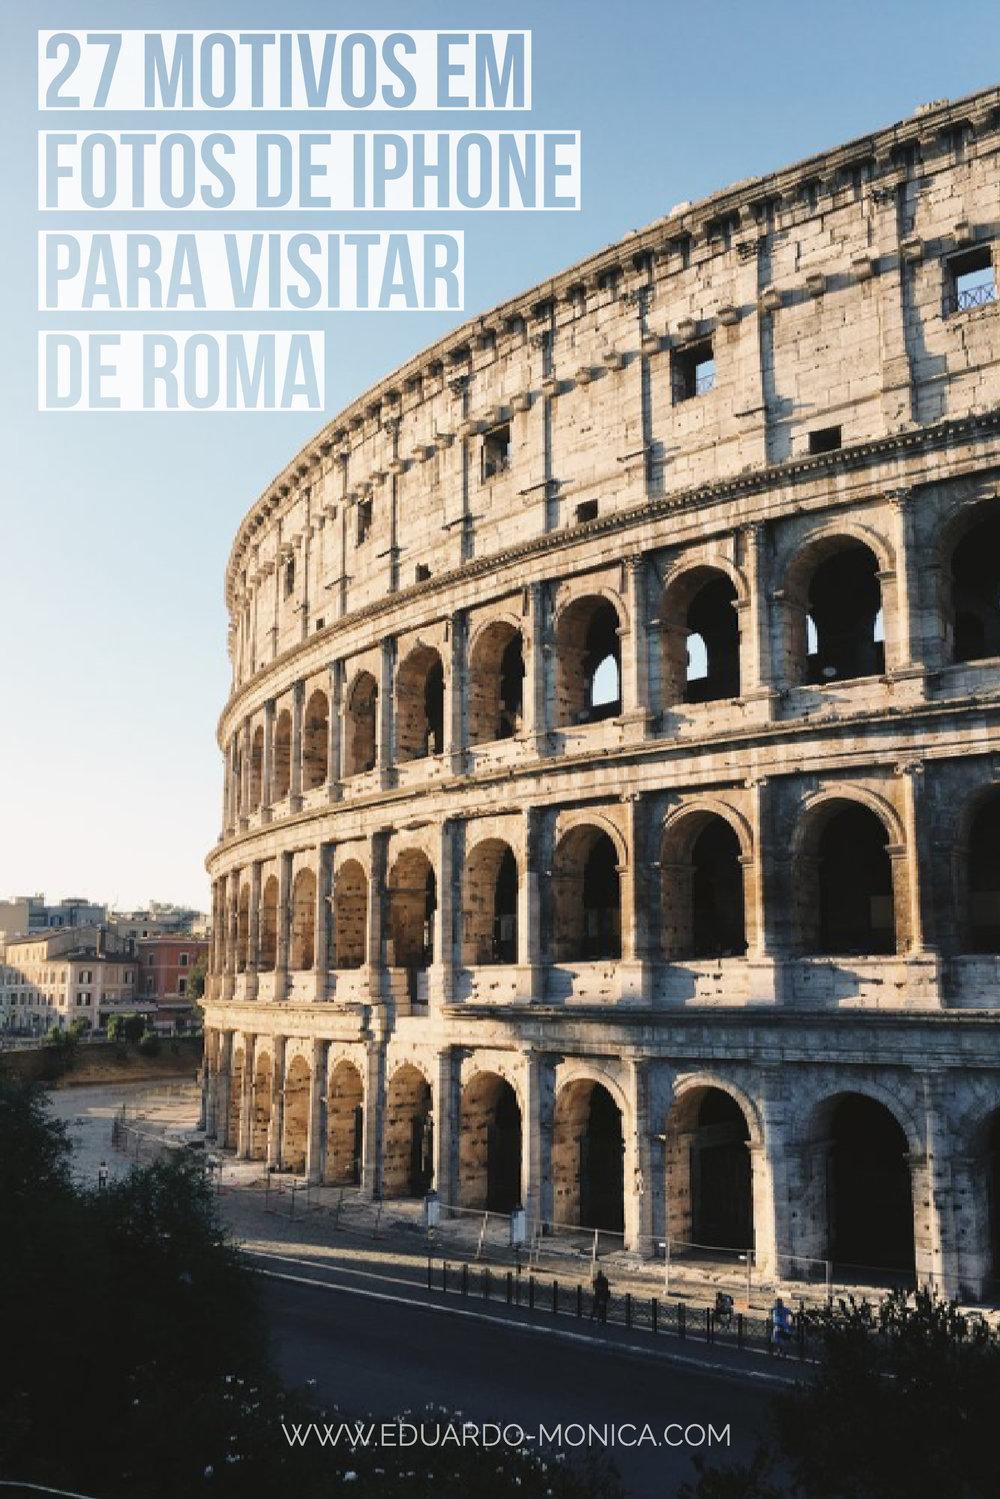 27 Motivos em Fotos de iPhone para Visitar de Roma